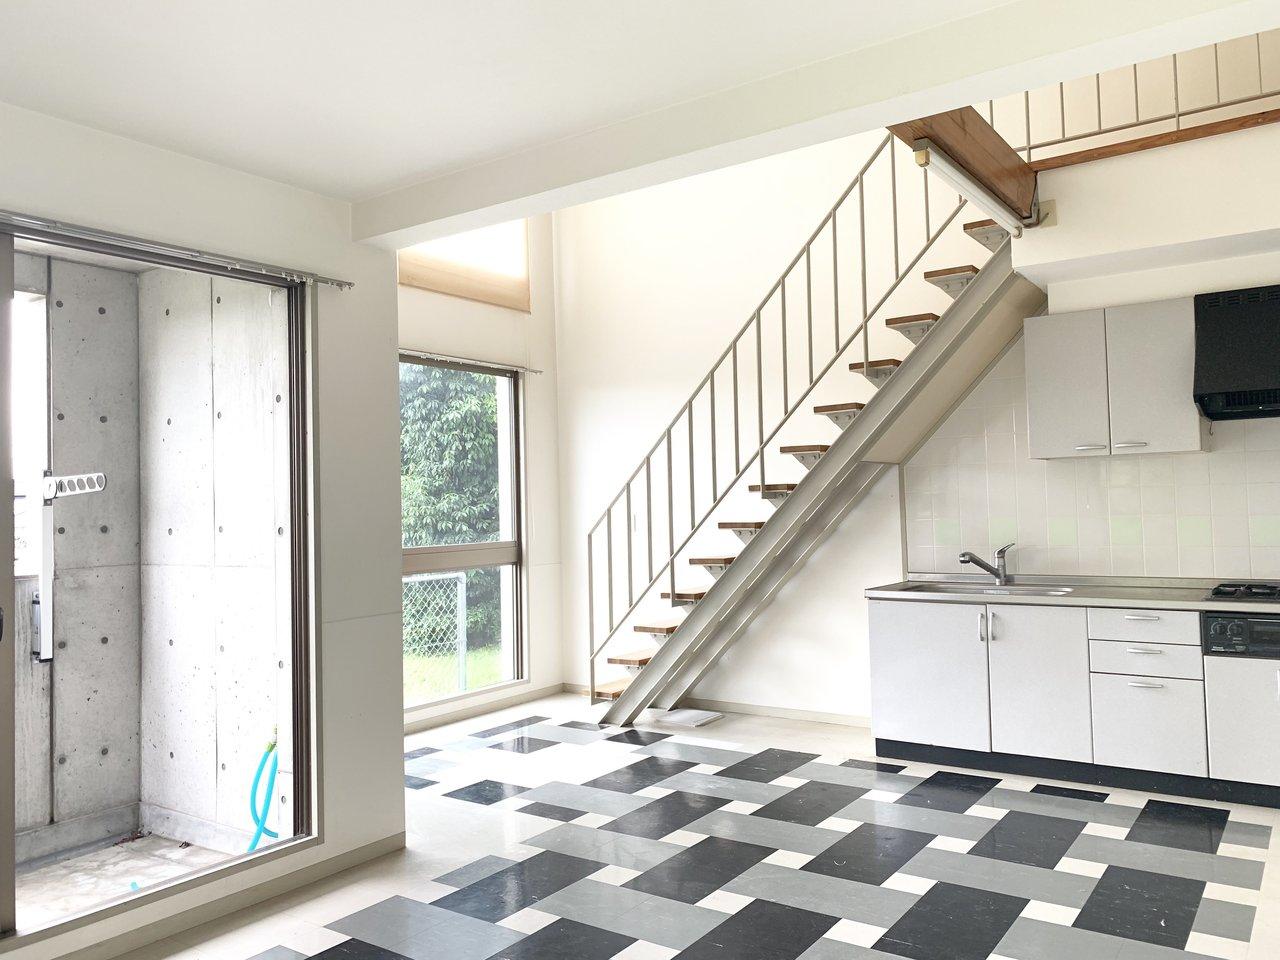 吹き抜けの広いリビングの床は、モダンインテリアが似合いそうな個性的なデザイン!